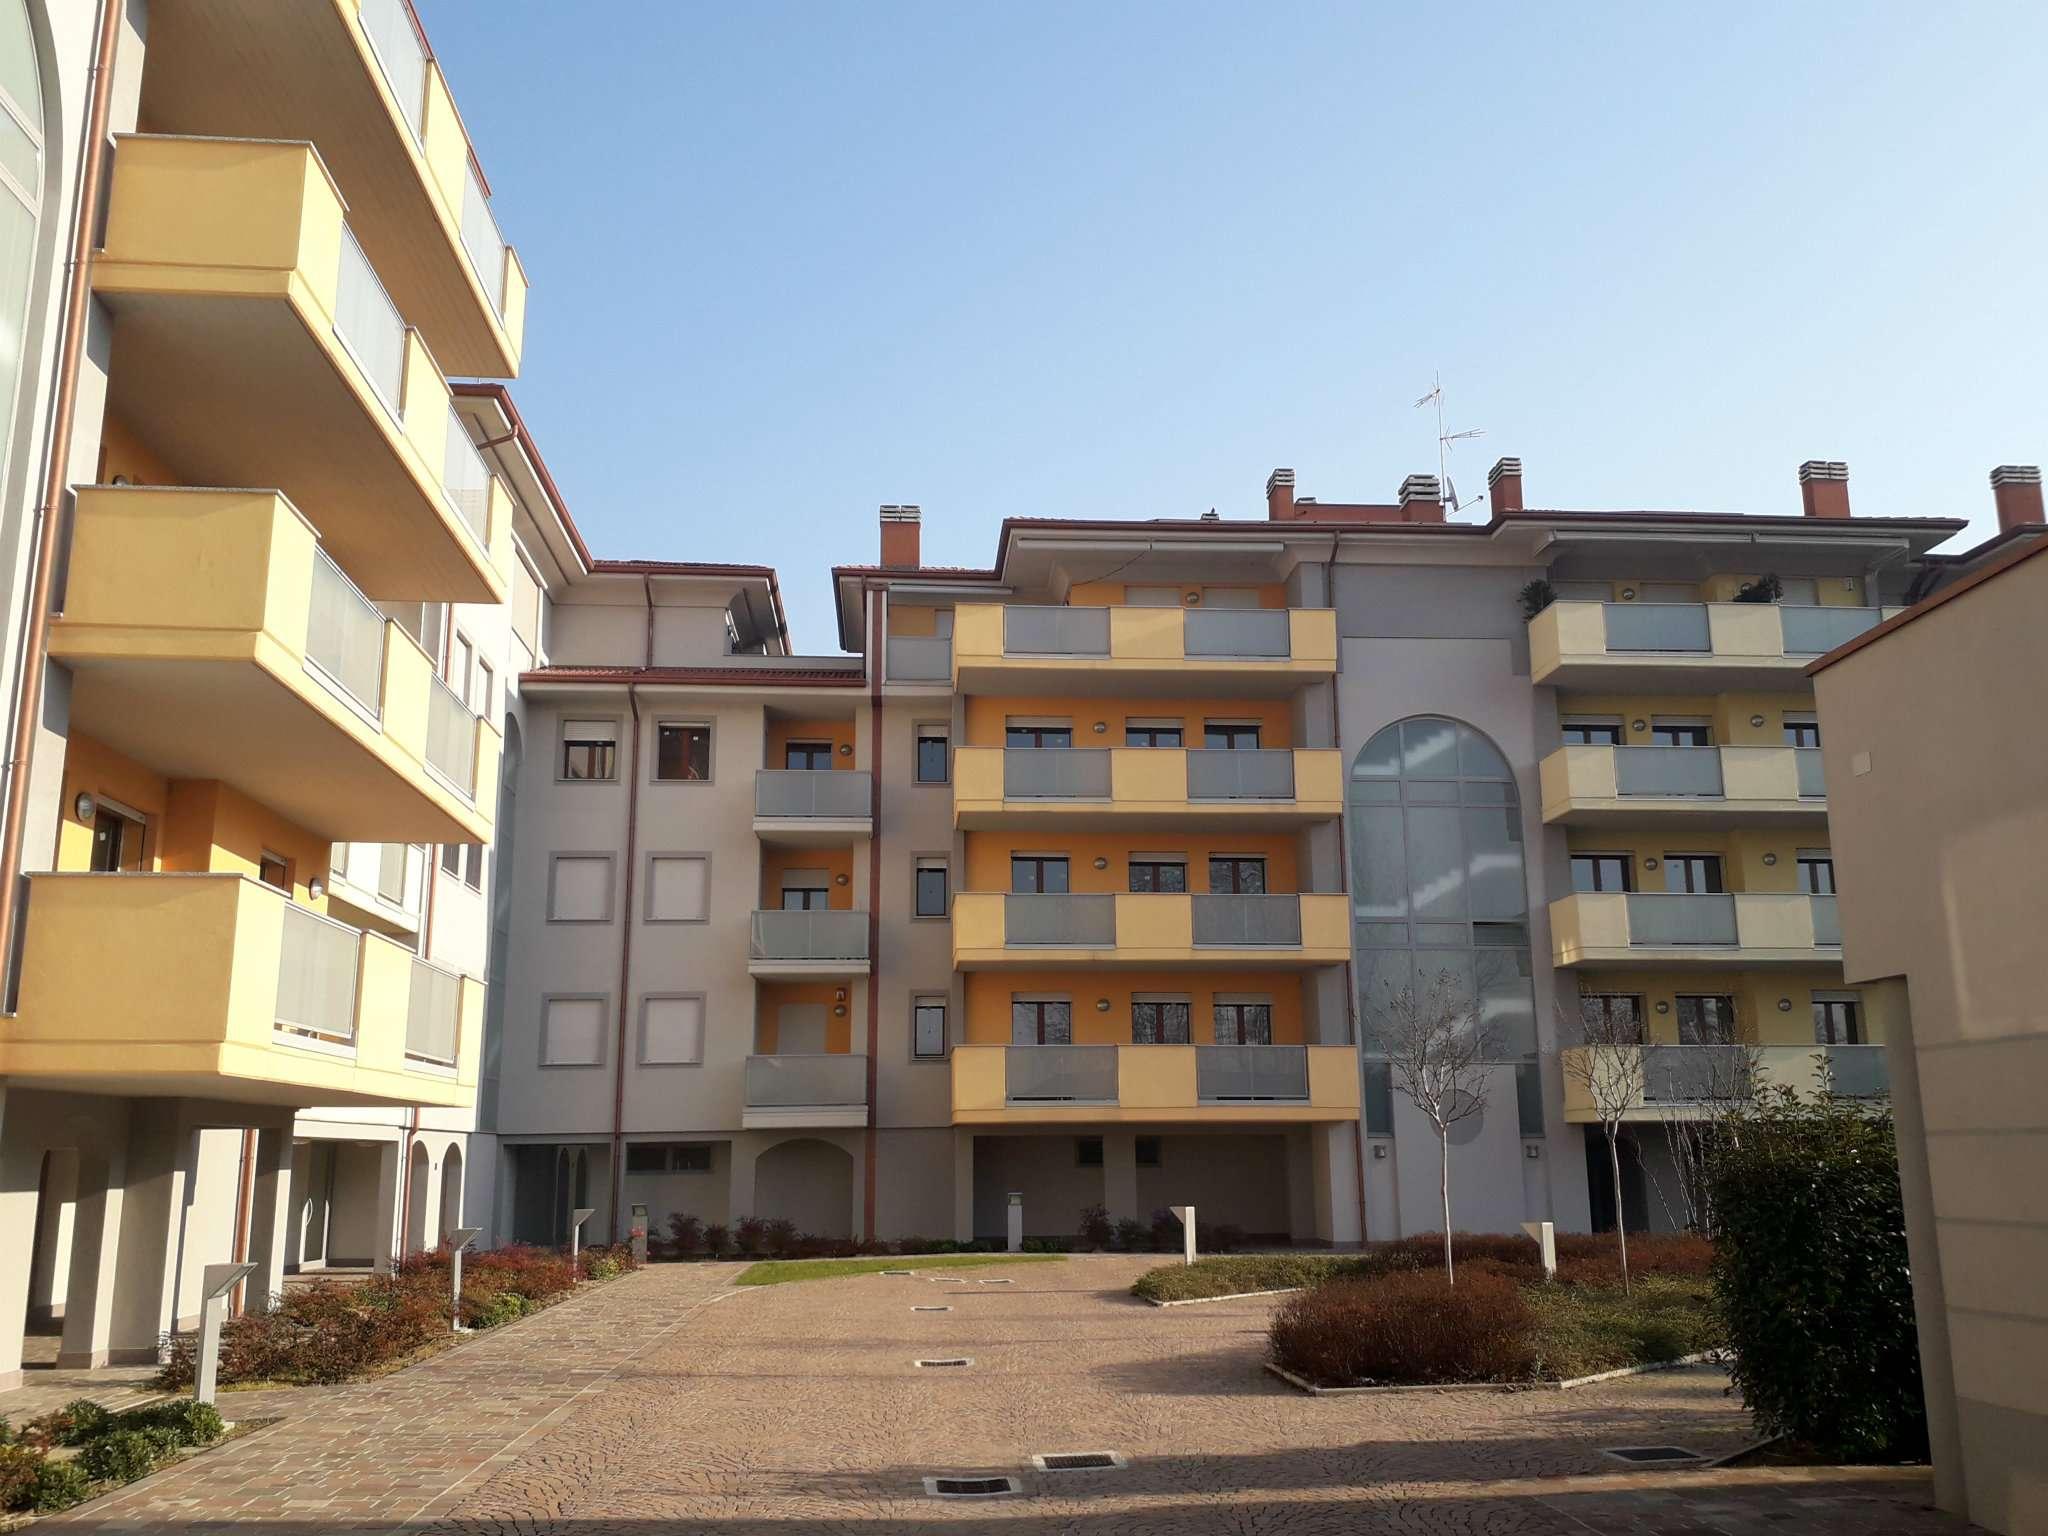 Appartamento in vendita a Basiglio, 3 locali, prezzo € 240.000 | CambioCasa.it